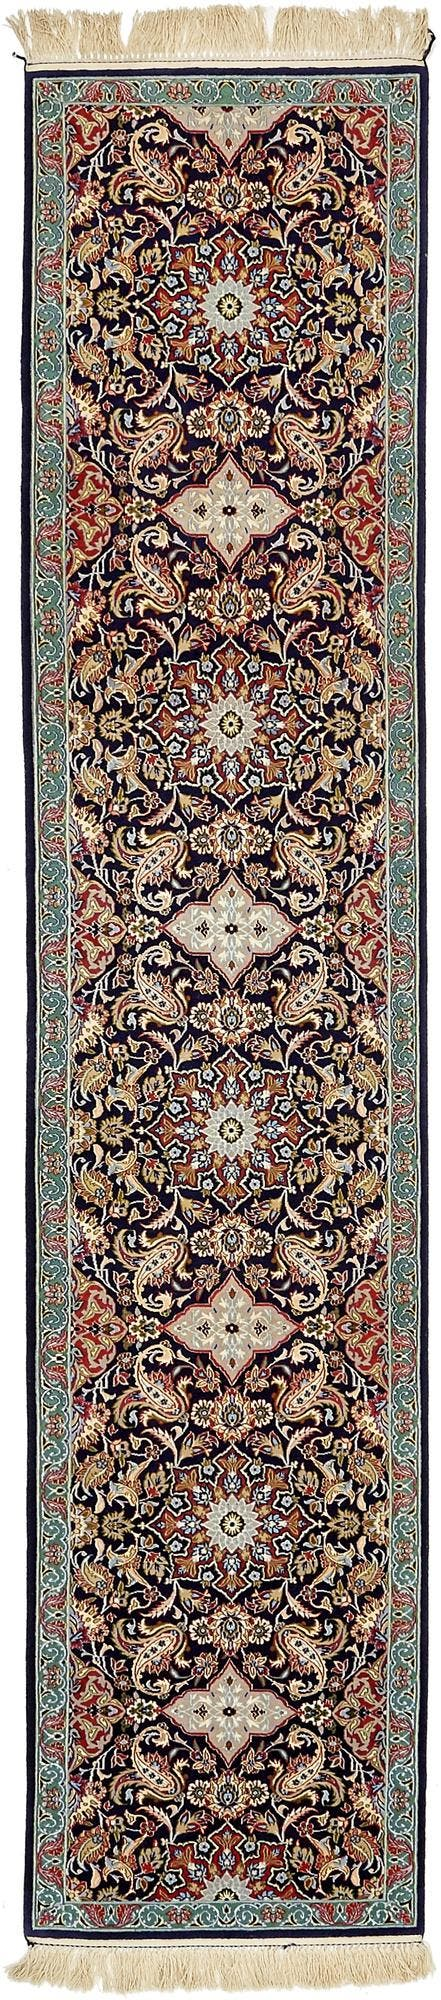 2' 1 x 10' Isfahan Persian Runner Rug main image